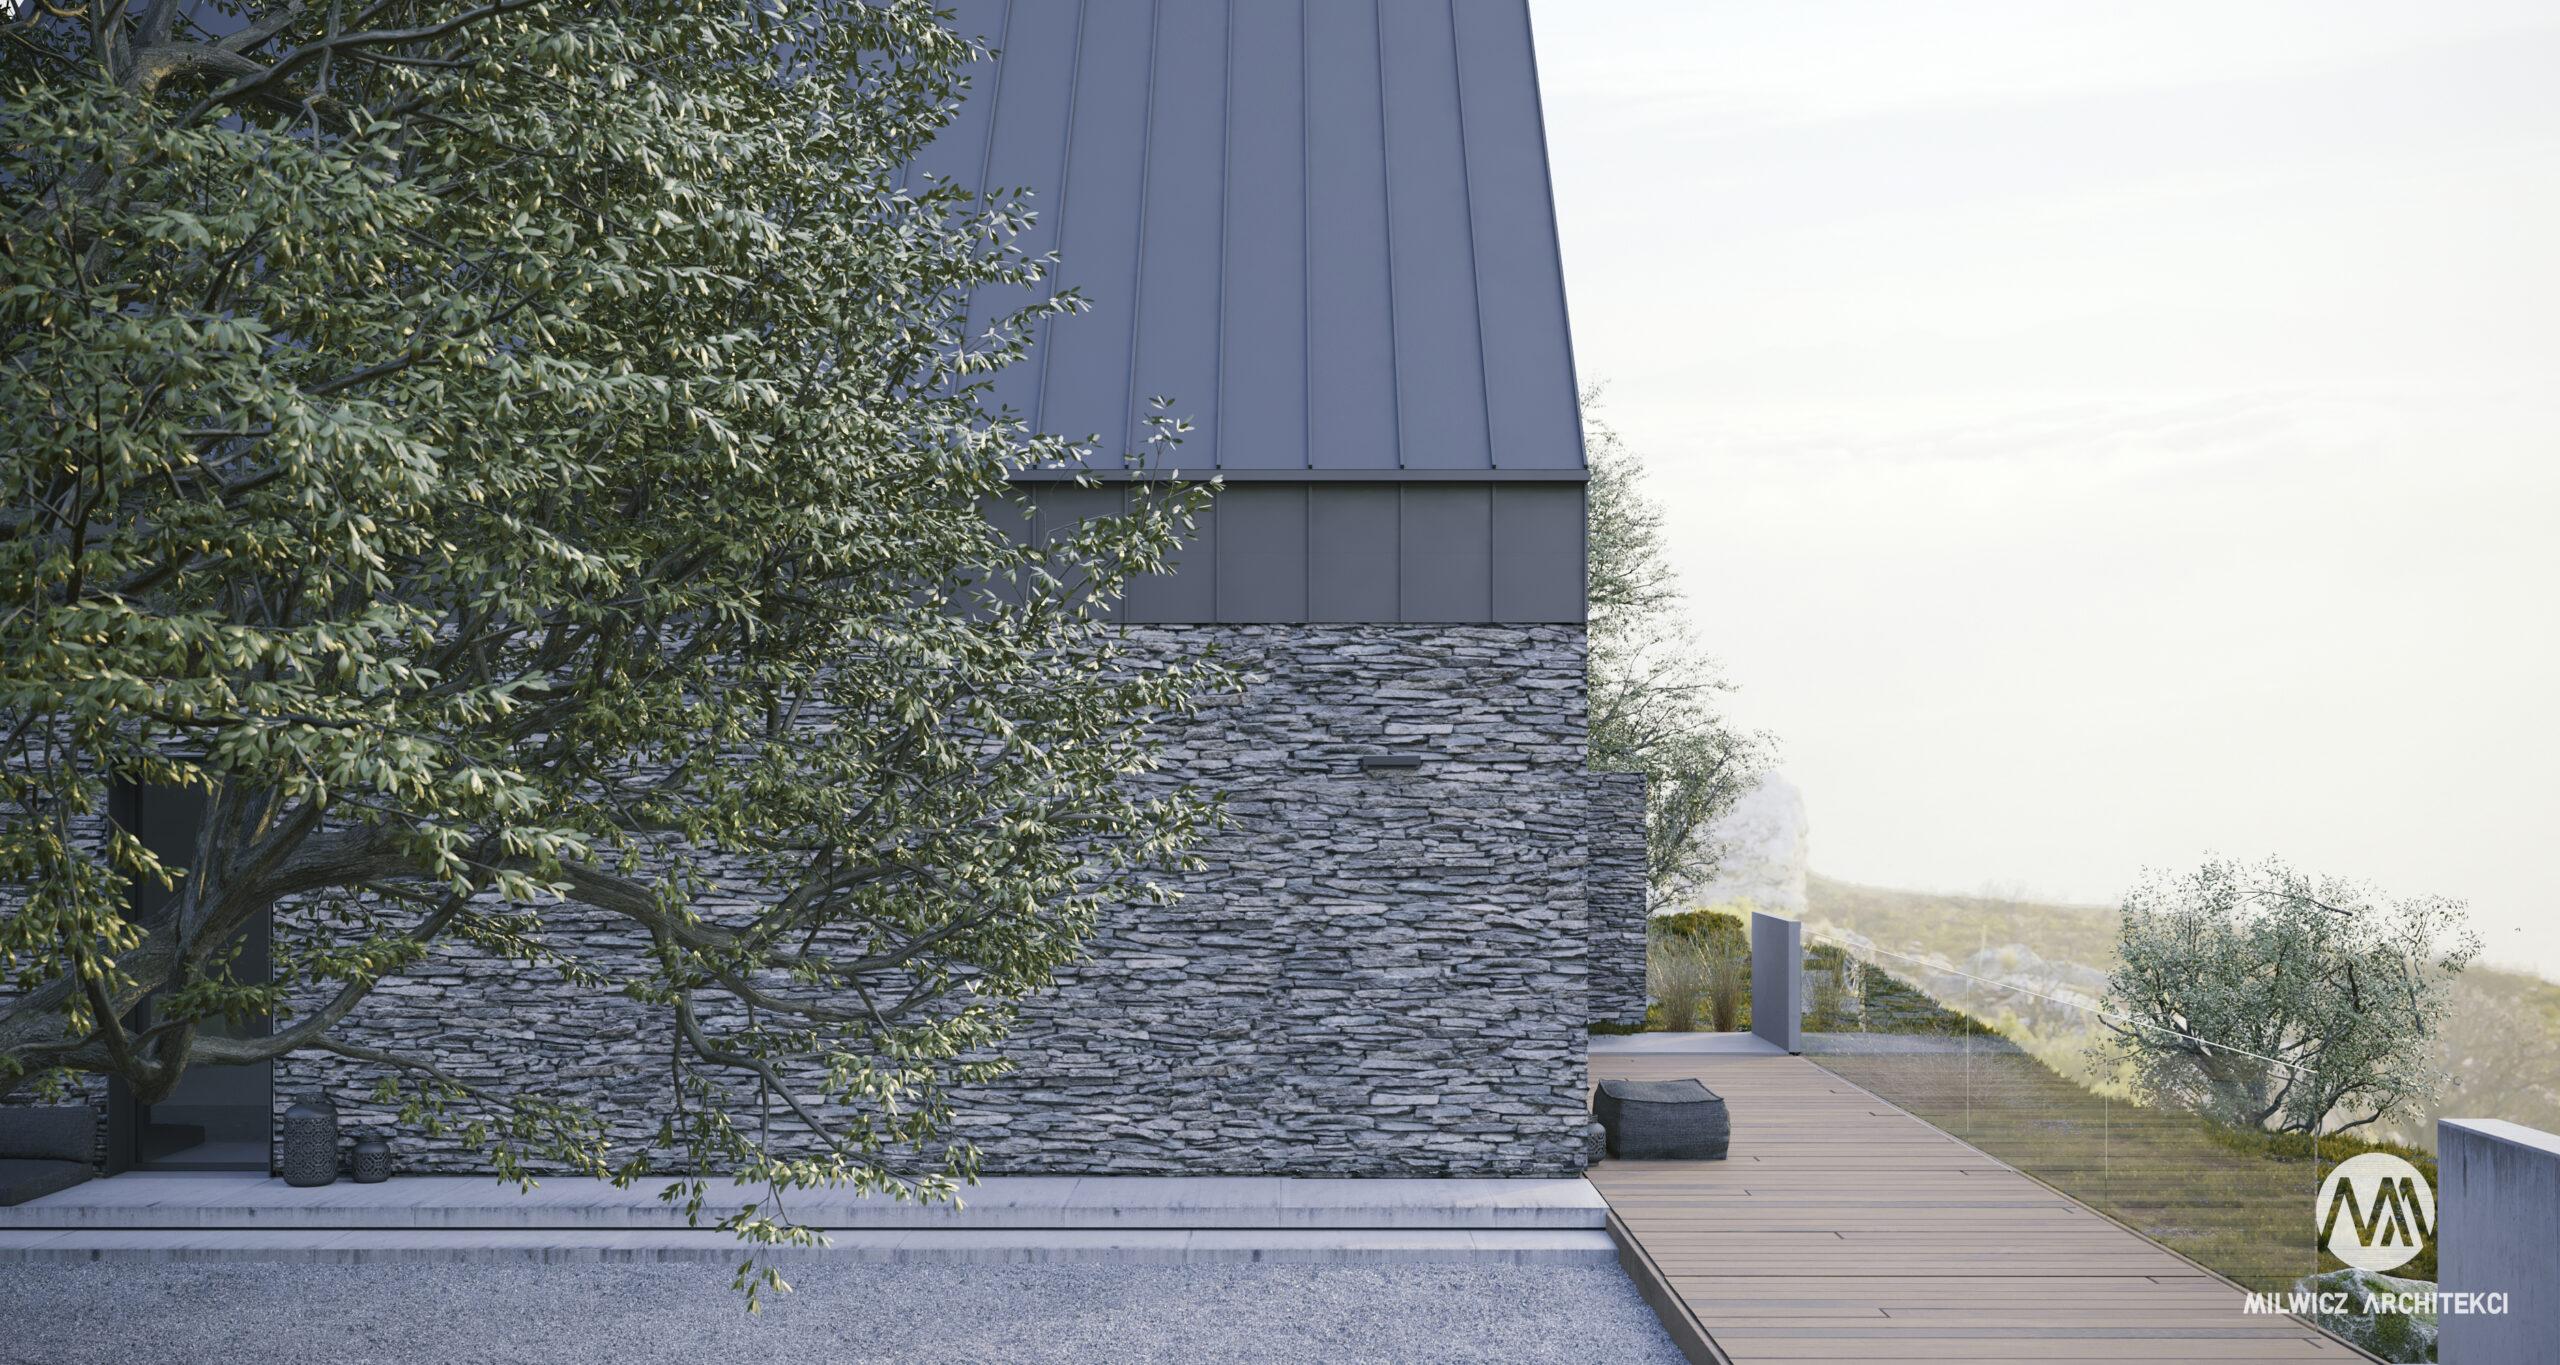 D81, projekt domu jednorodzinnego, projekty gotowe, nowoczesna stodoła, nowoczesna architektura, dom z drzewem